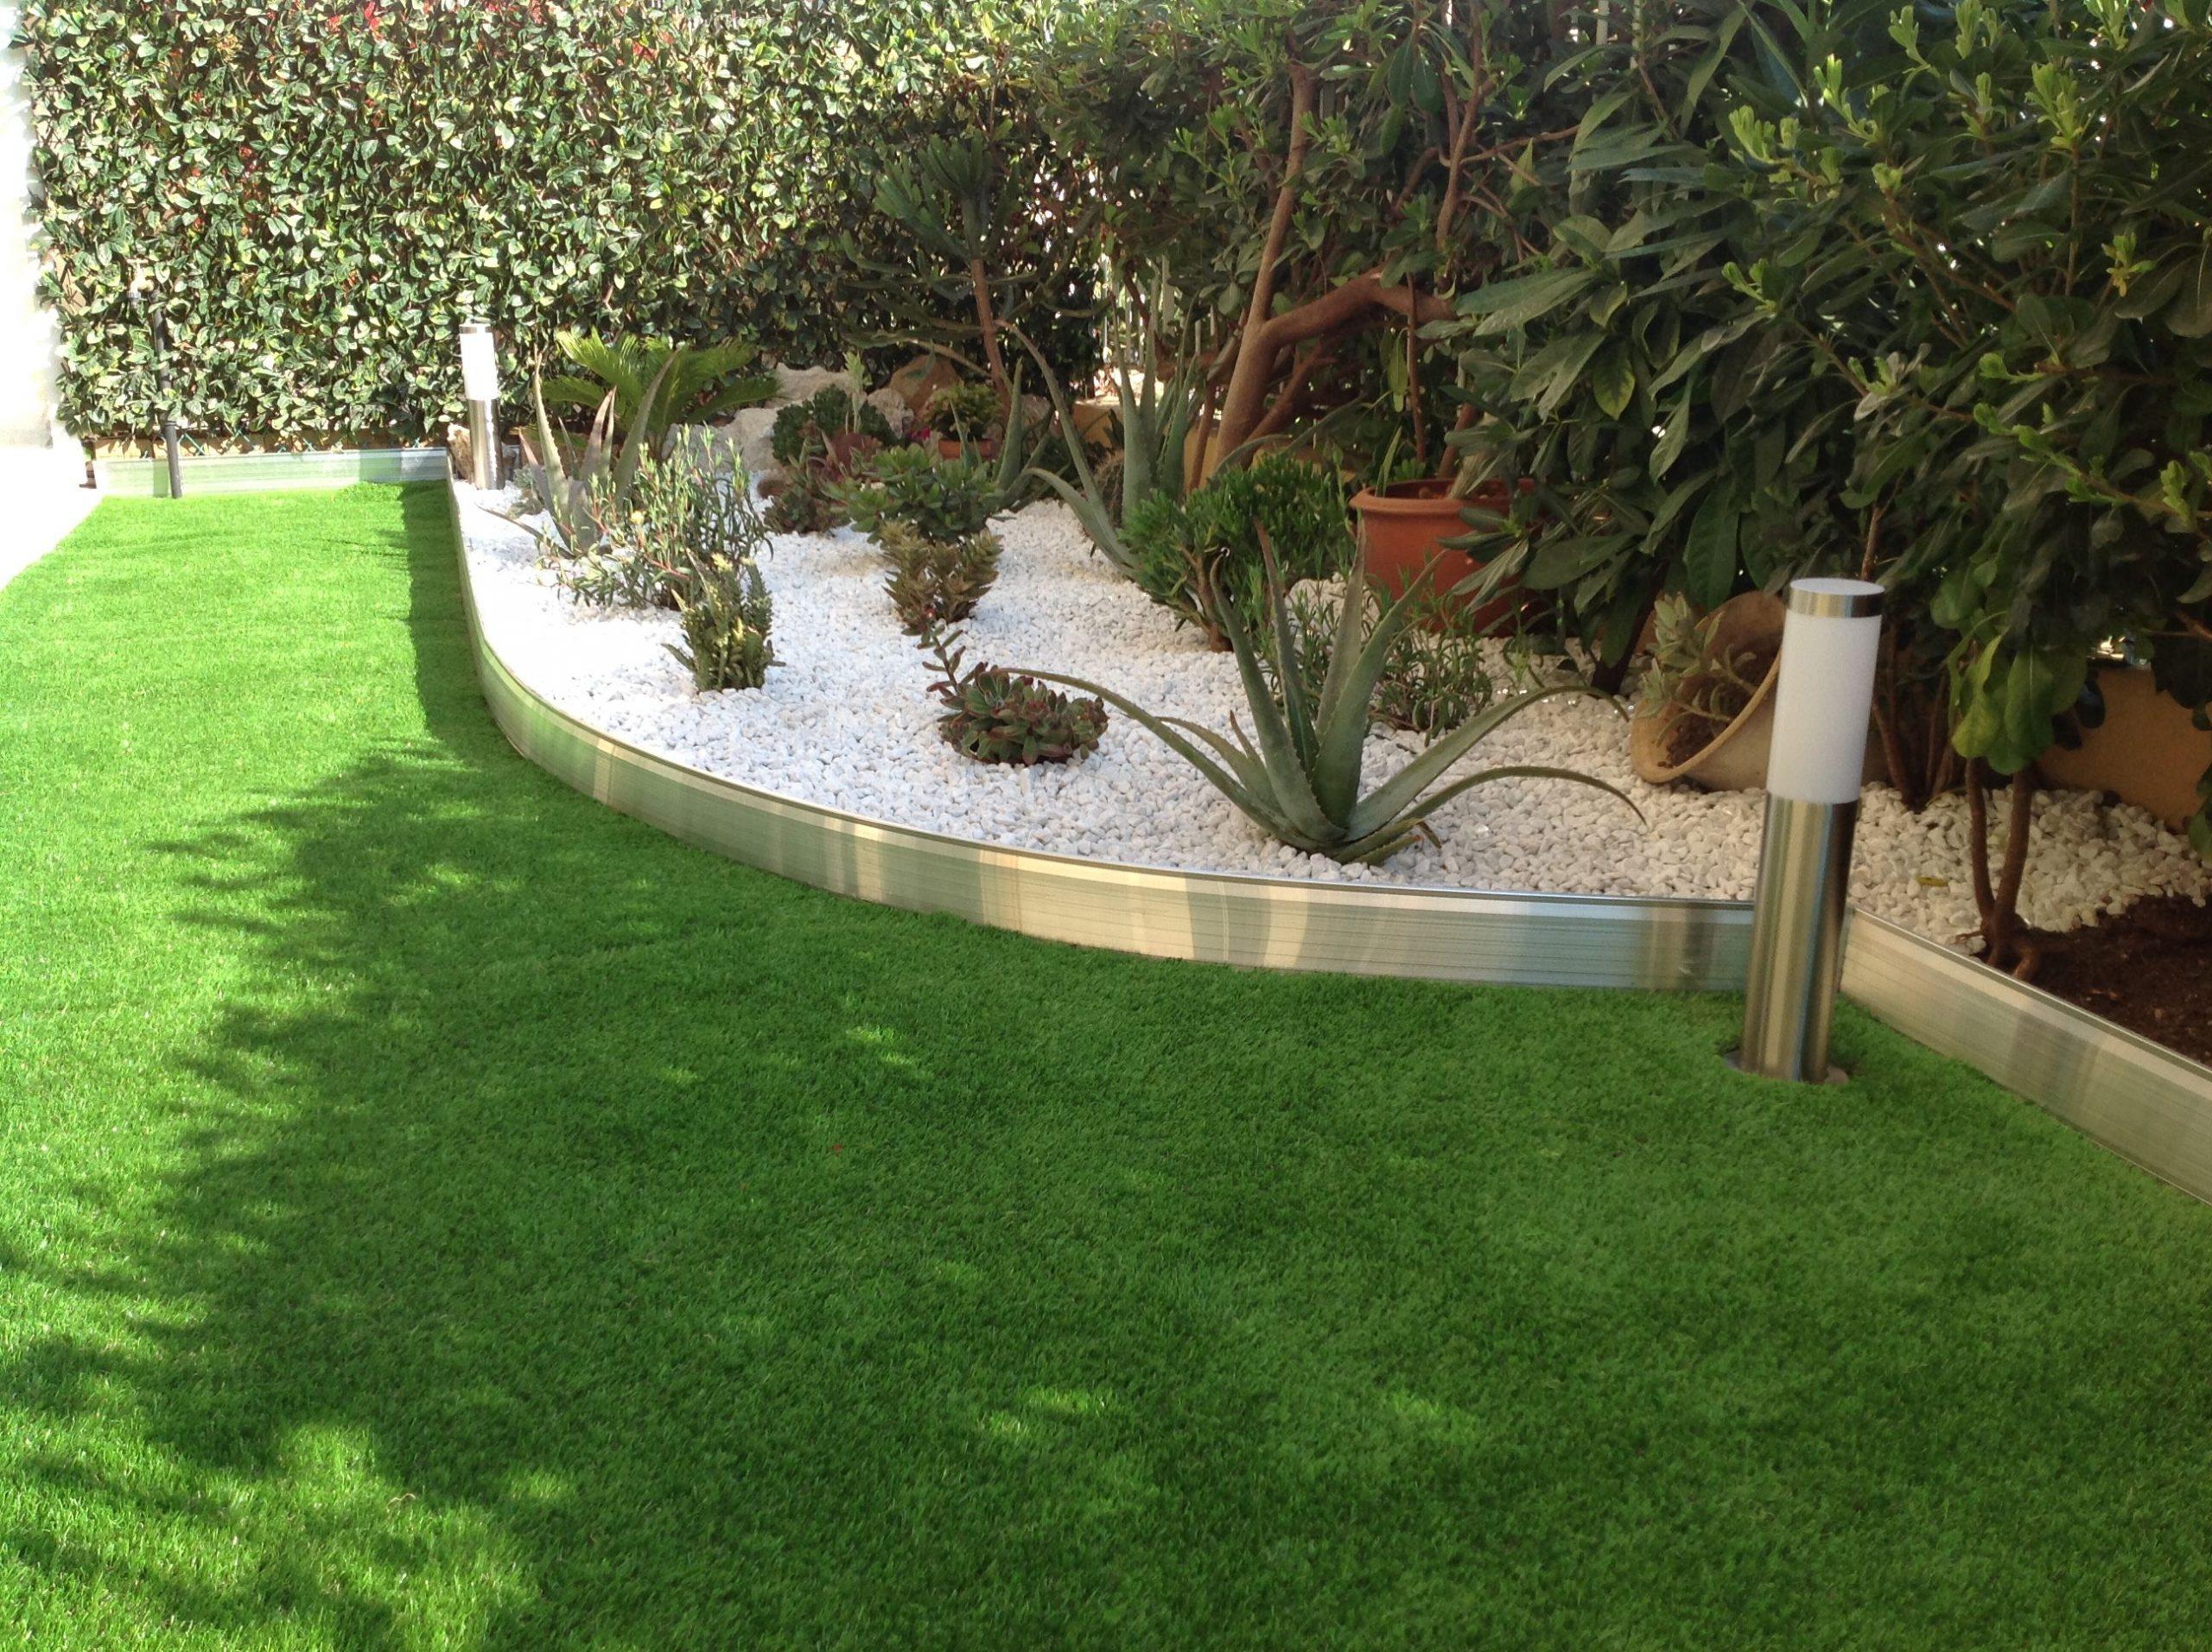 Bordure Originale | Bordure Jardin, Jardins, Idées Jardin avec Bordure Acier Corten Castorama